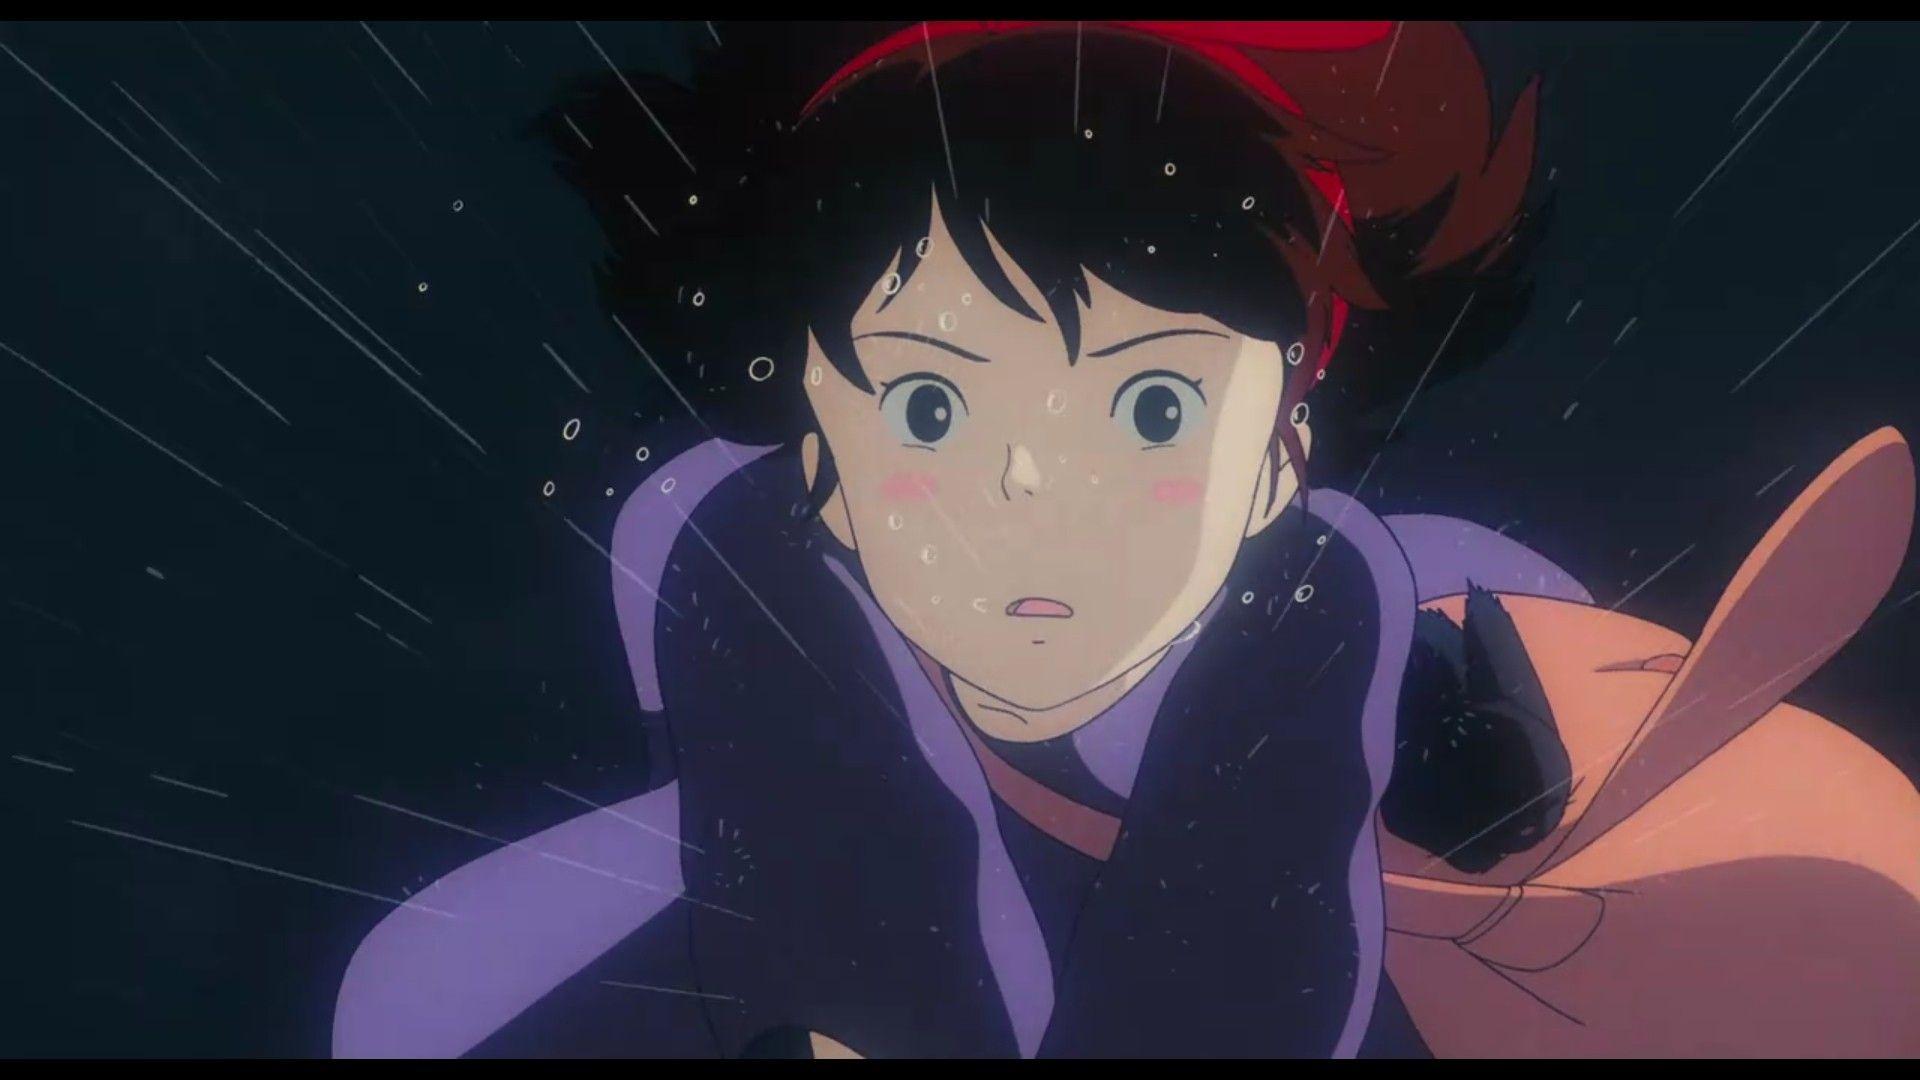 Pin by xiao wei 🍥 on Ghibli Screenshot Anime, Art, Ghibli